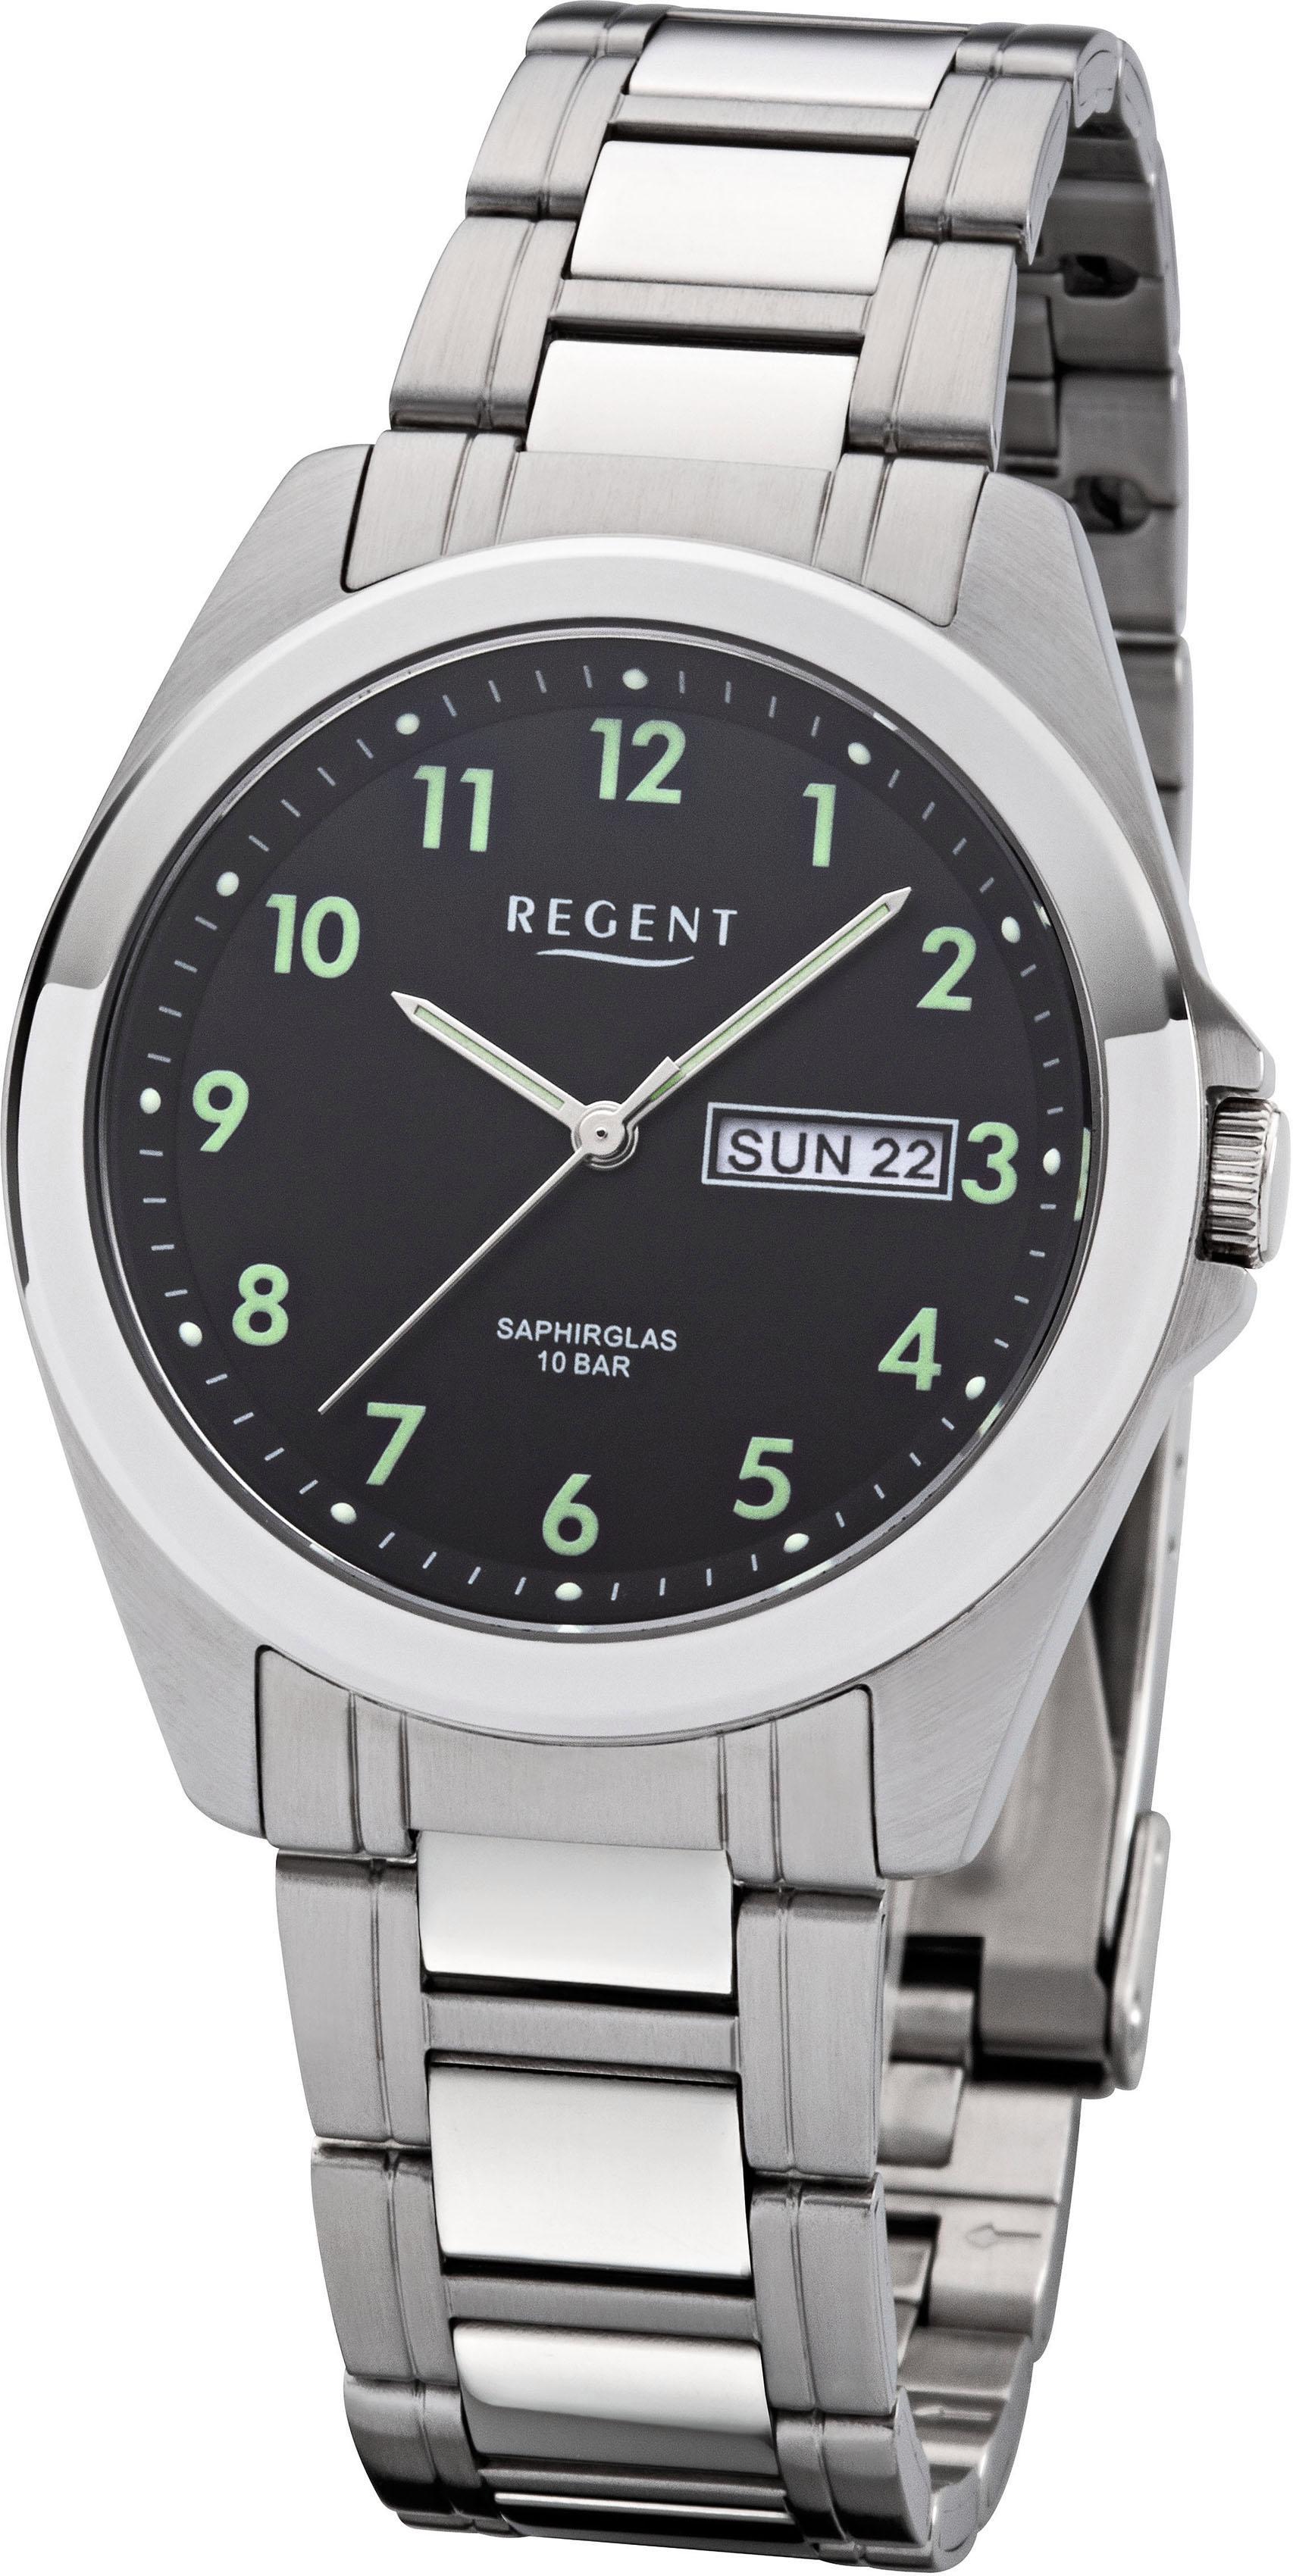 Regent Quarzuhr »1770.44.96, F1186« | Uhren > Quarzuhren | Regent